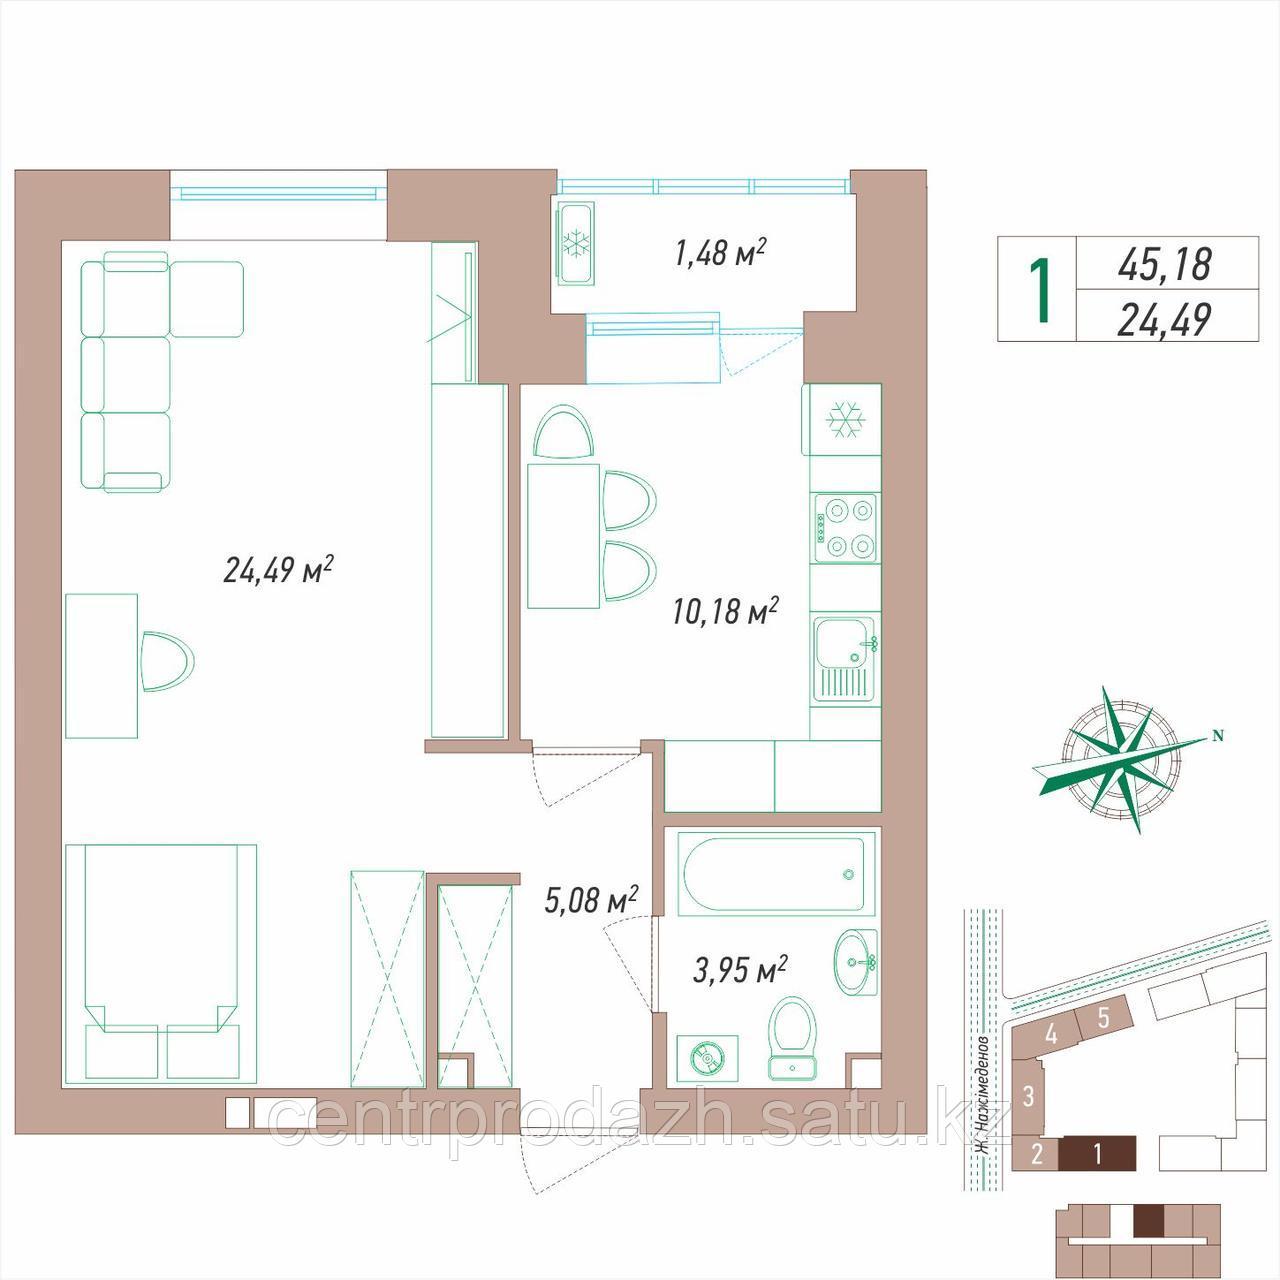 1 комнатная квартира 45.18 м²